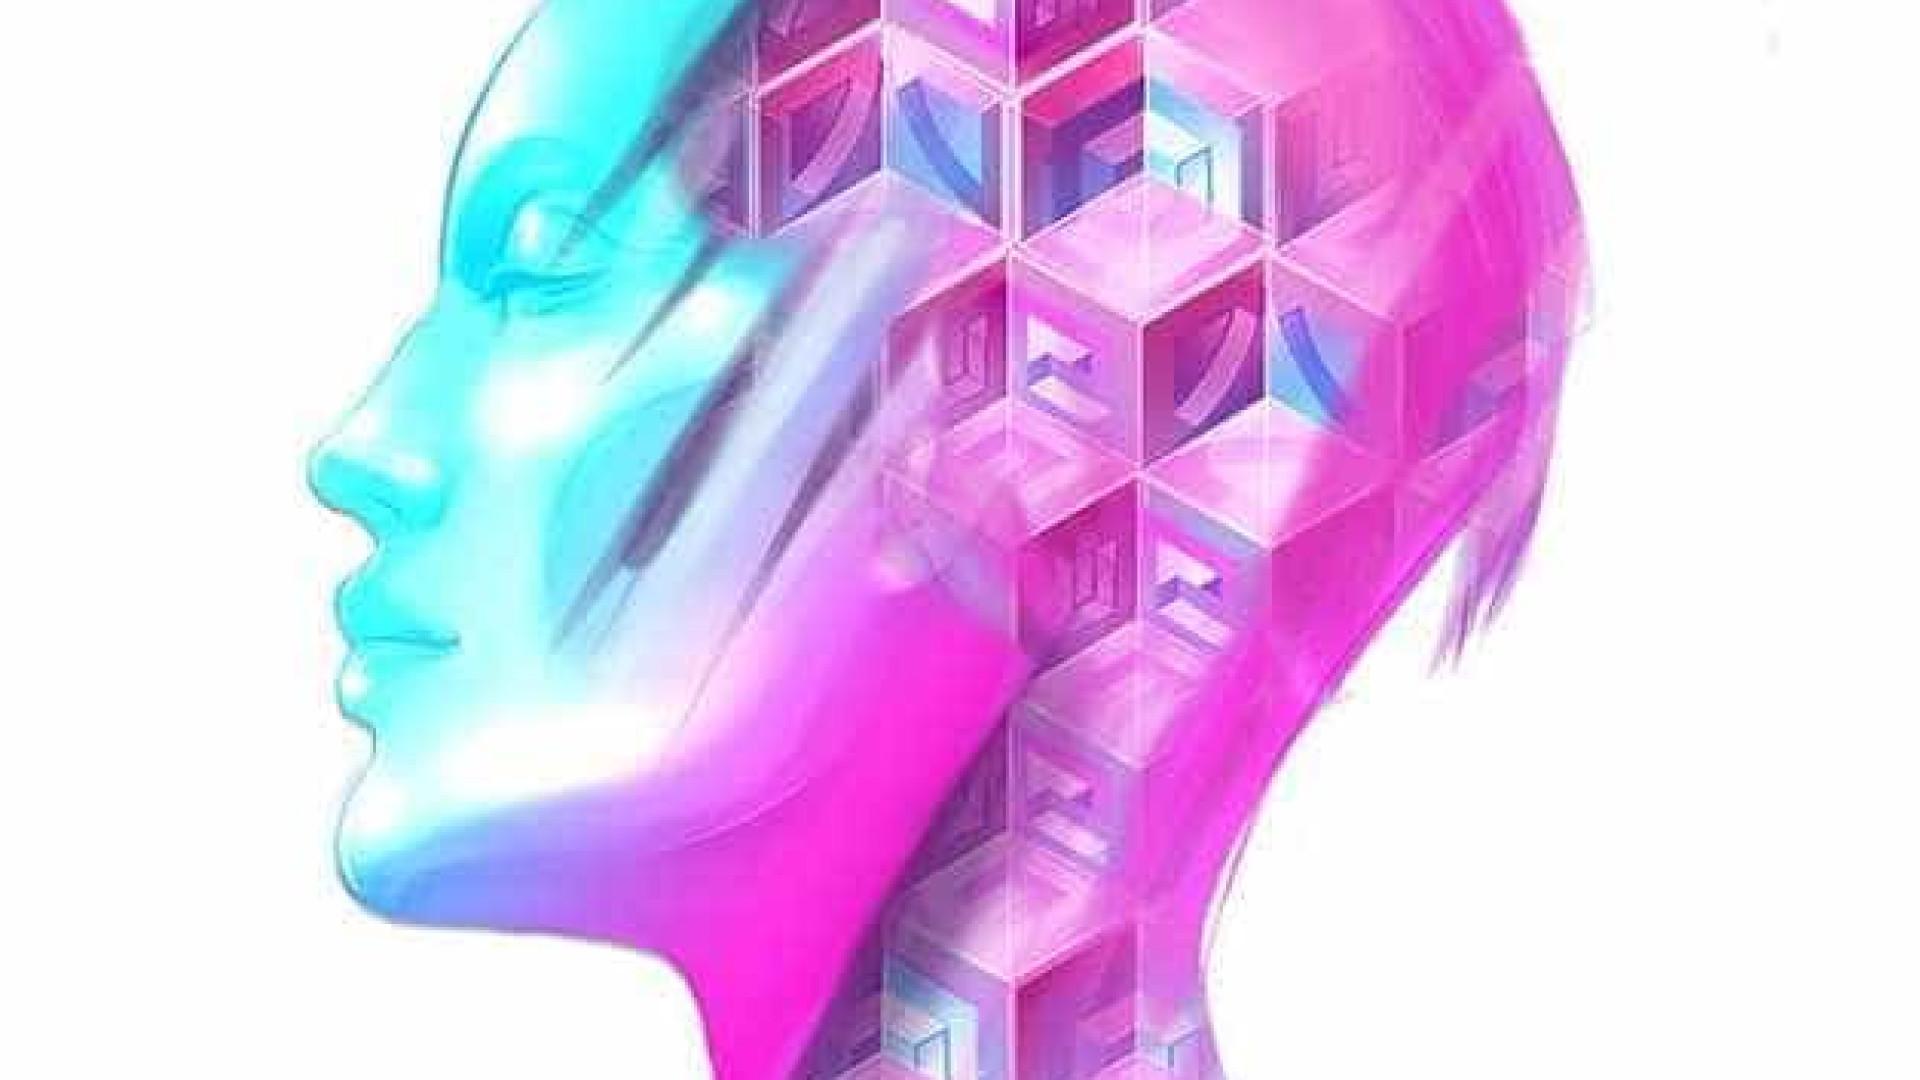 Artista consome 20 drogas para ilustrar o efeito de cada uma